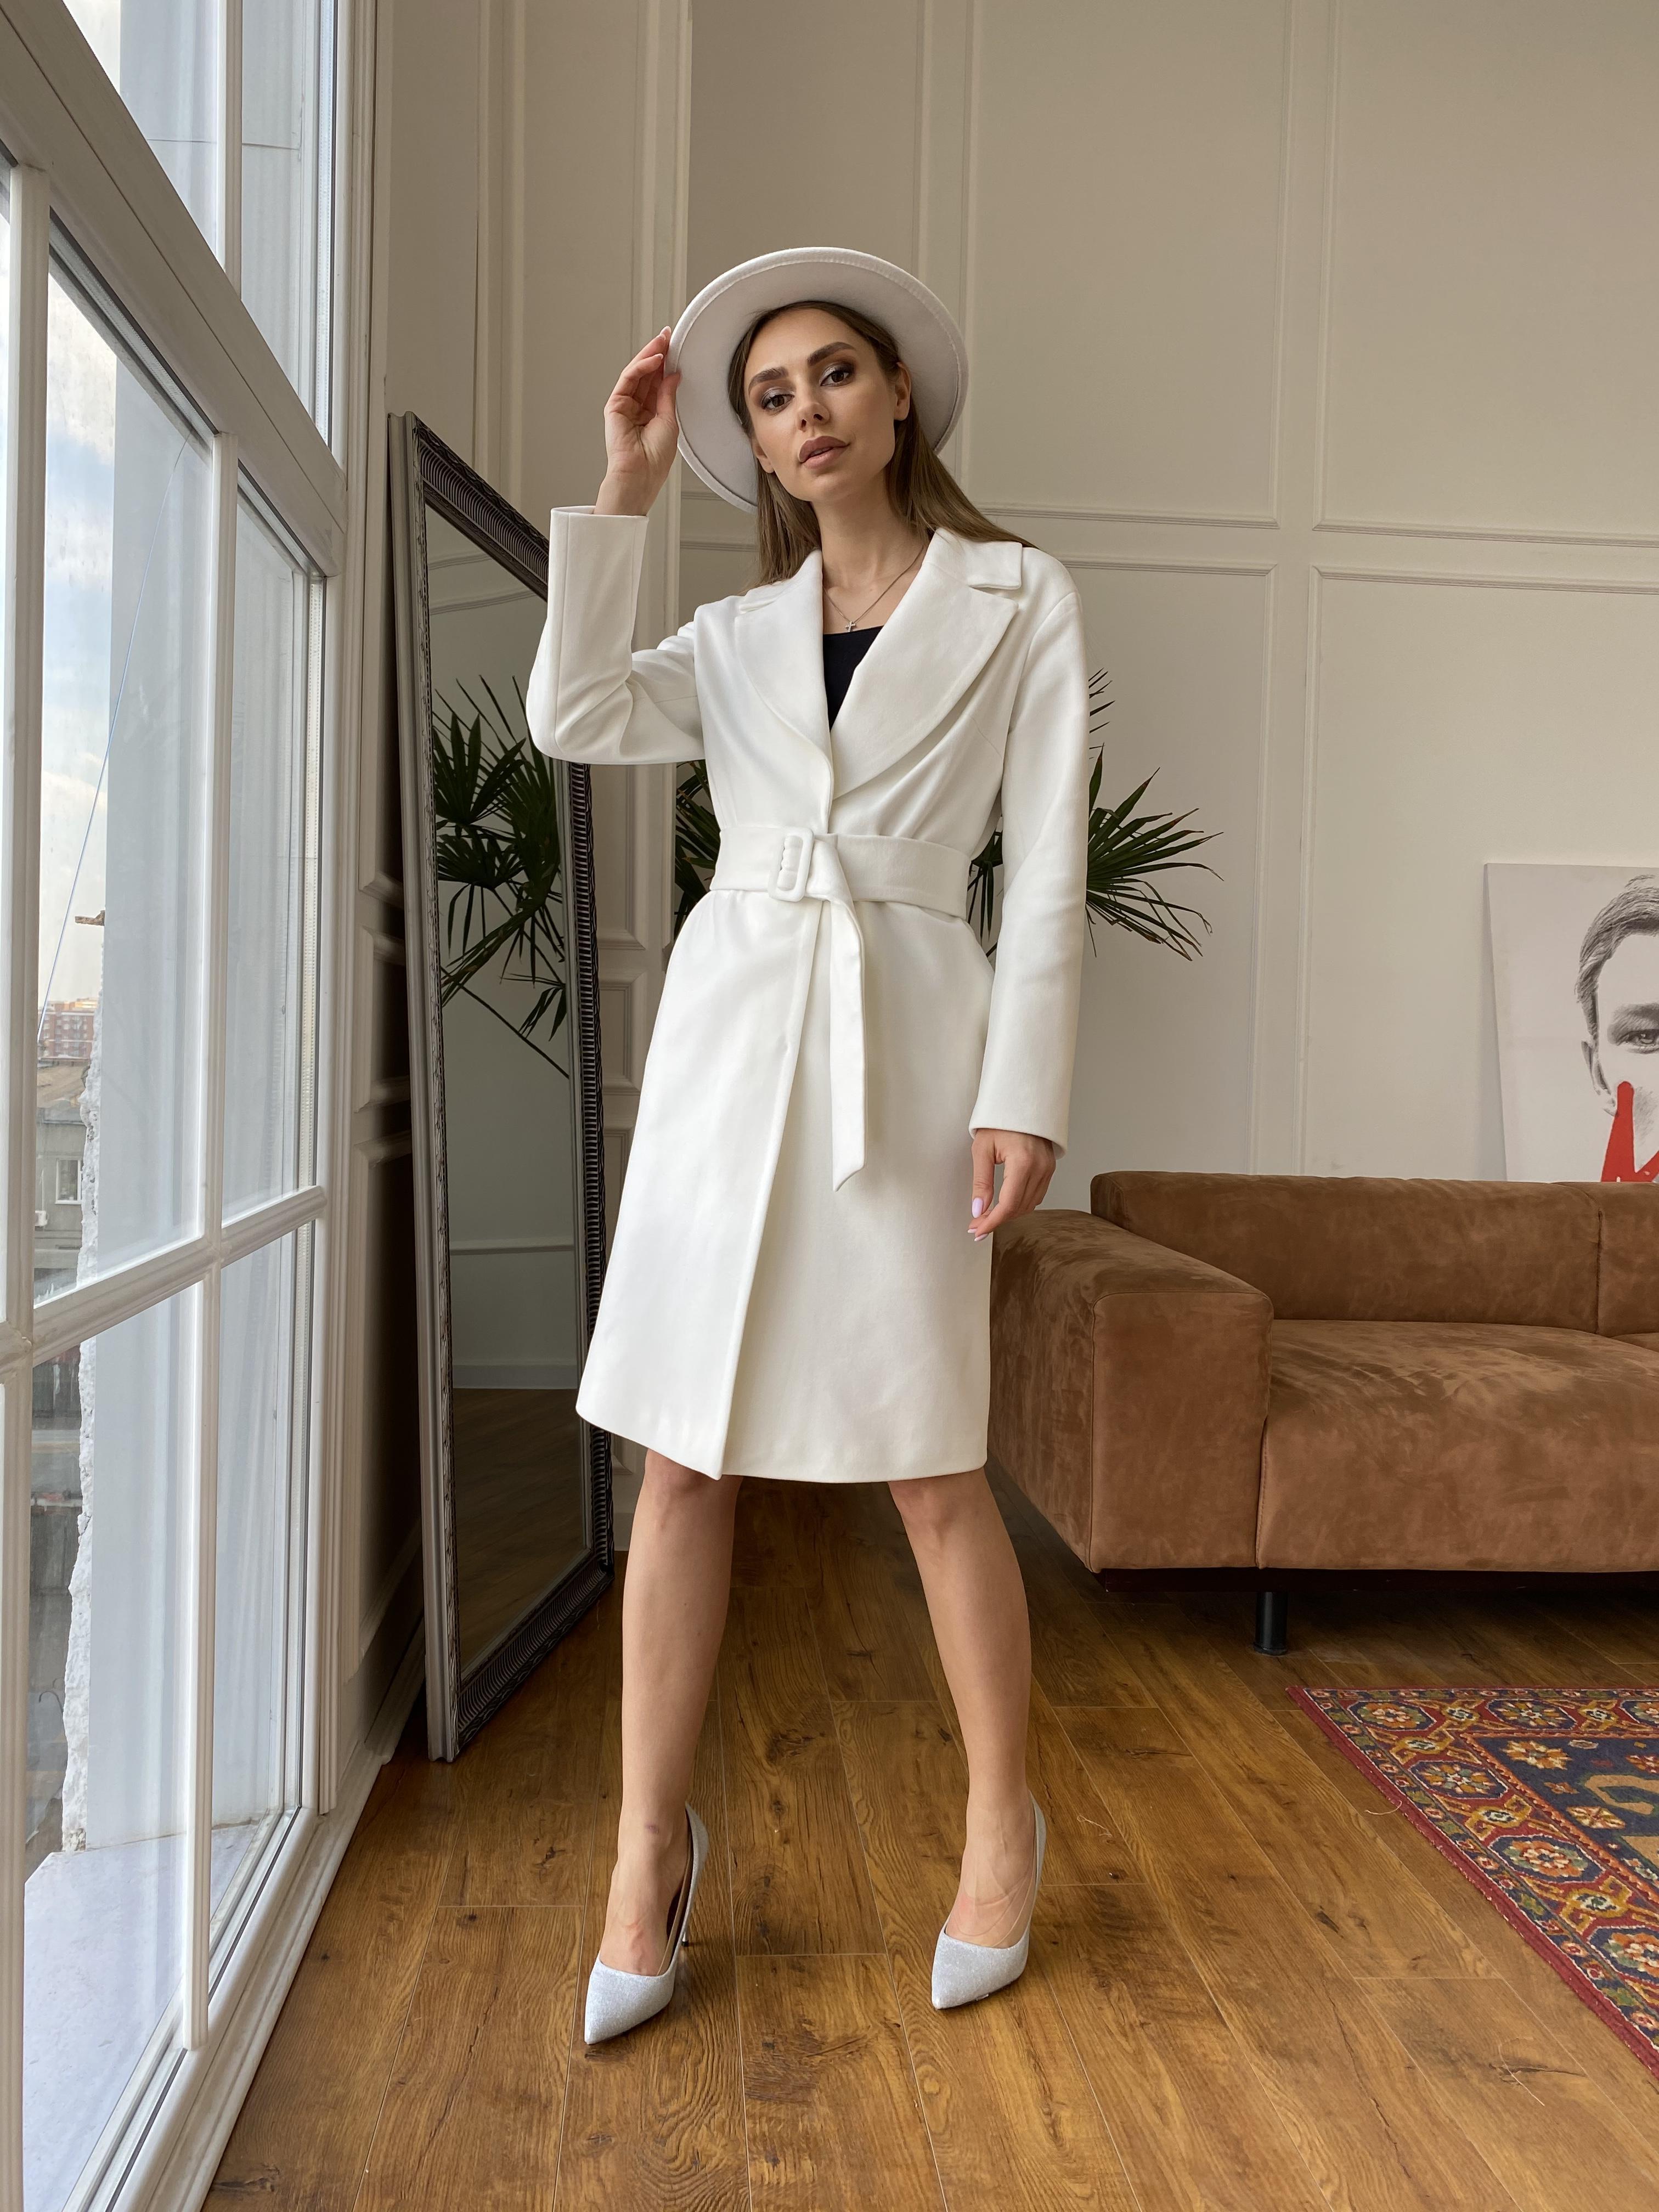 Севен пальто из гладкого кашемира 10621 АРТ. 46999 Цвет: Молоко - фото 3, интернет магазин tm-modus.ru